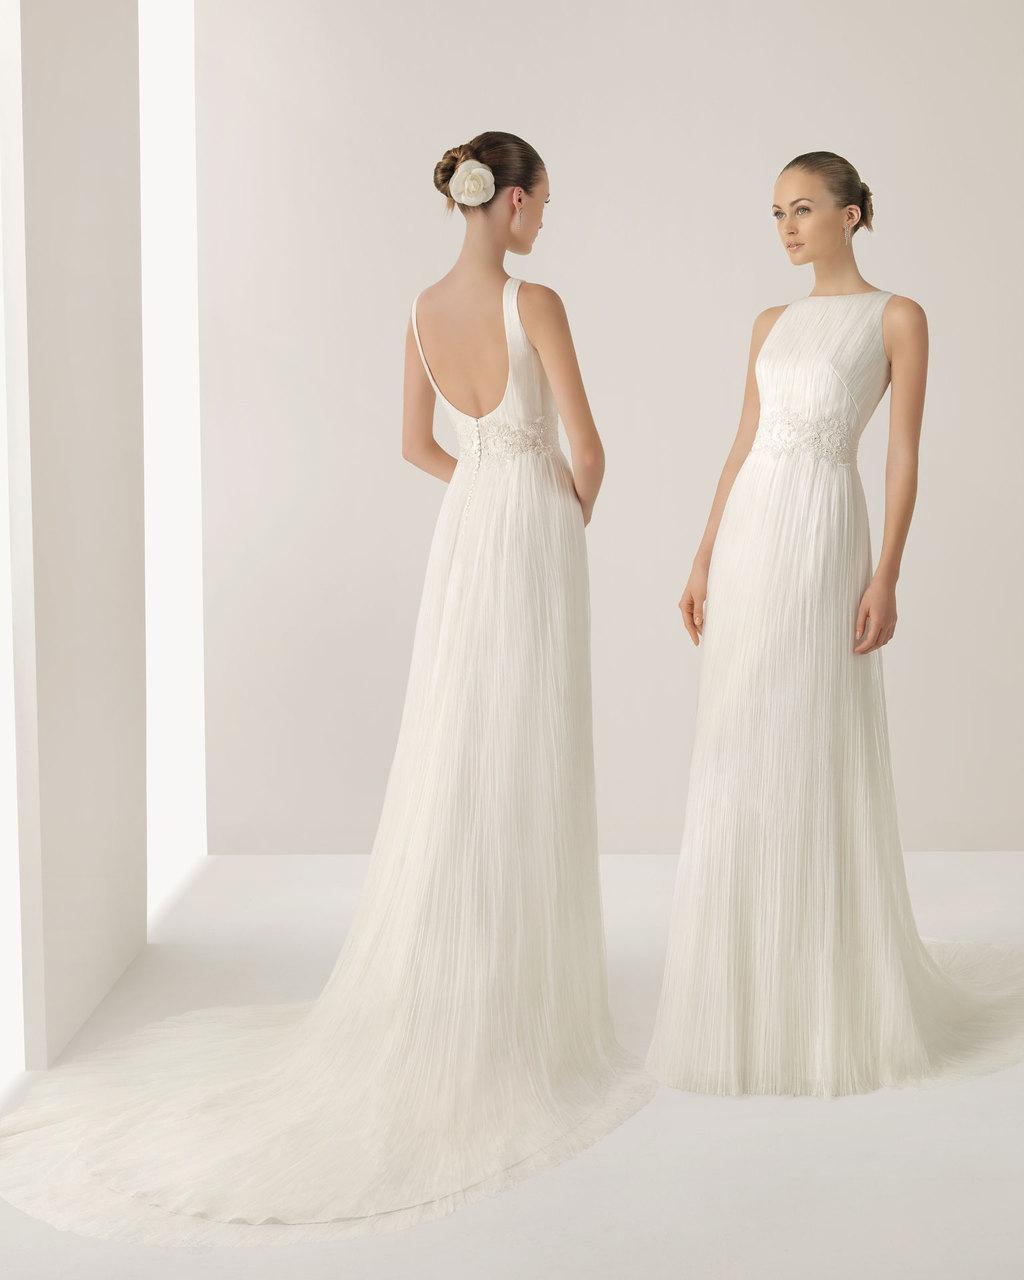 2013-wedding-dress-soft-by-rosa-clara-bridal-gowns-jordan.full